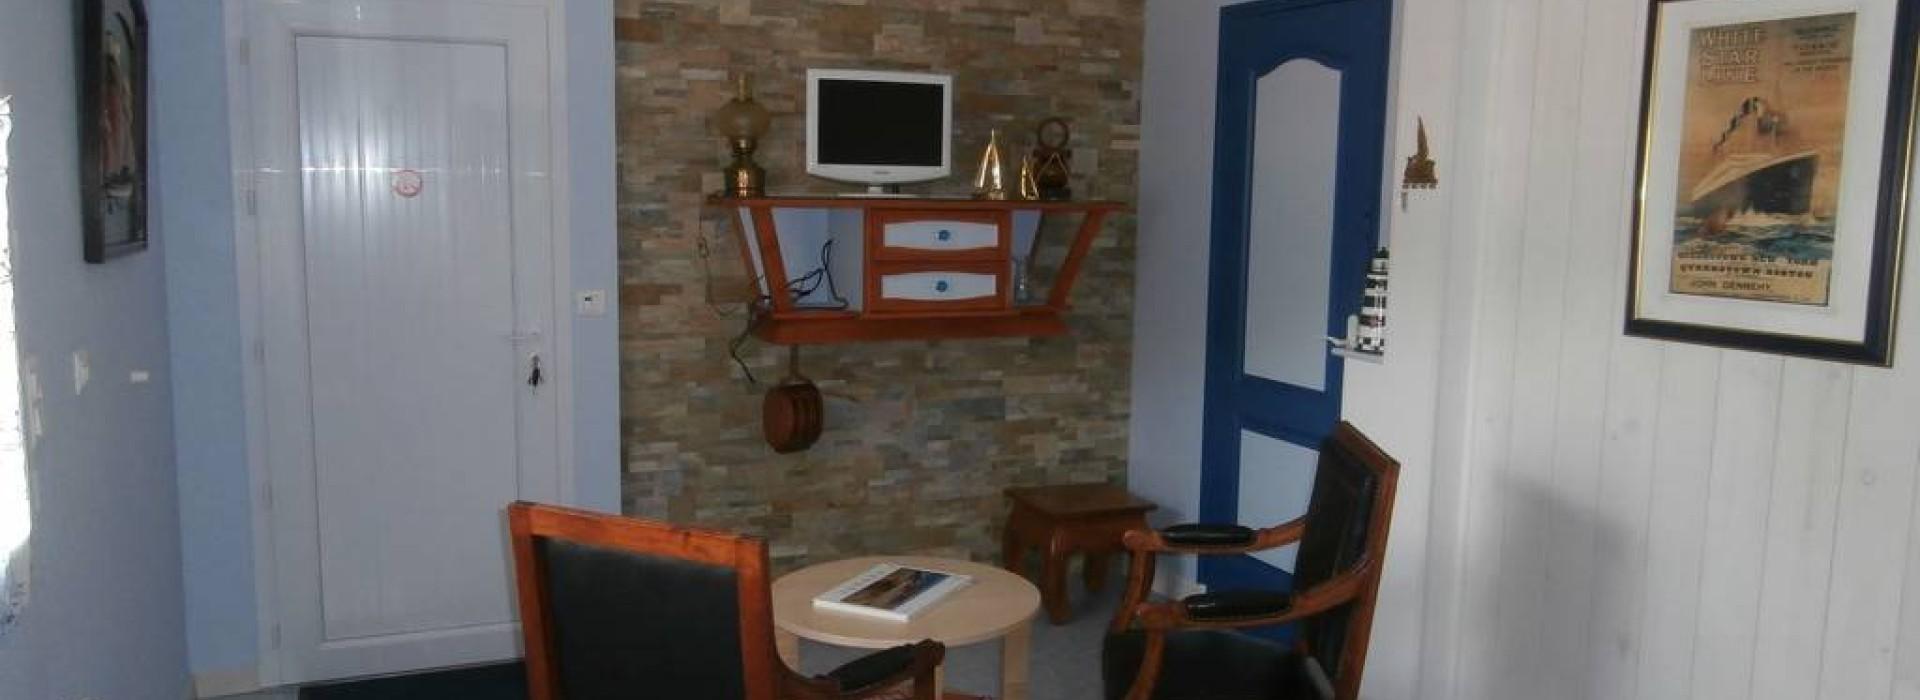 le jardin fleuri chambres d 39 h tes en pays de la loire. Black Bedroom Furniture Sets. Home Design Ideas